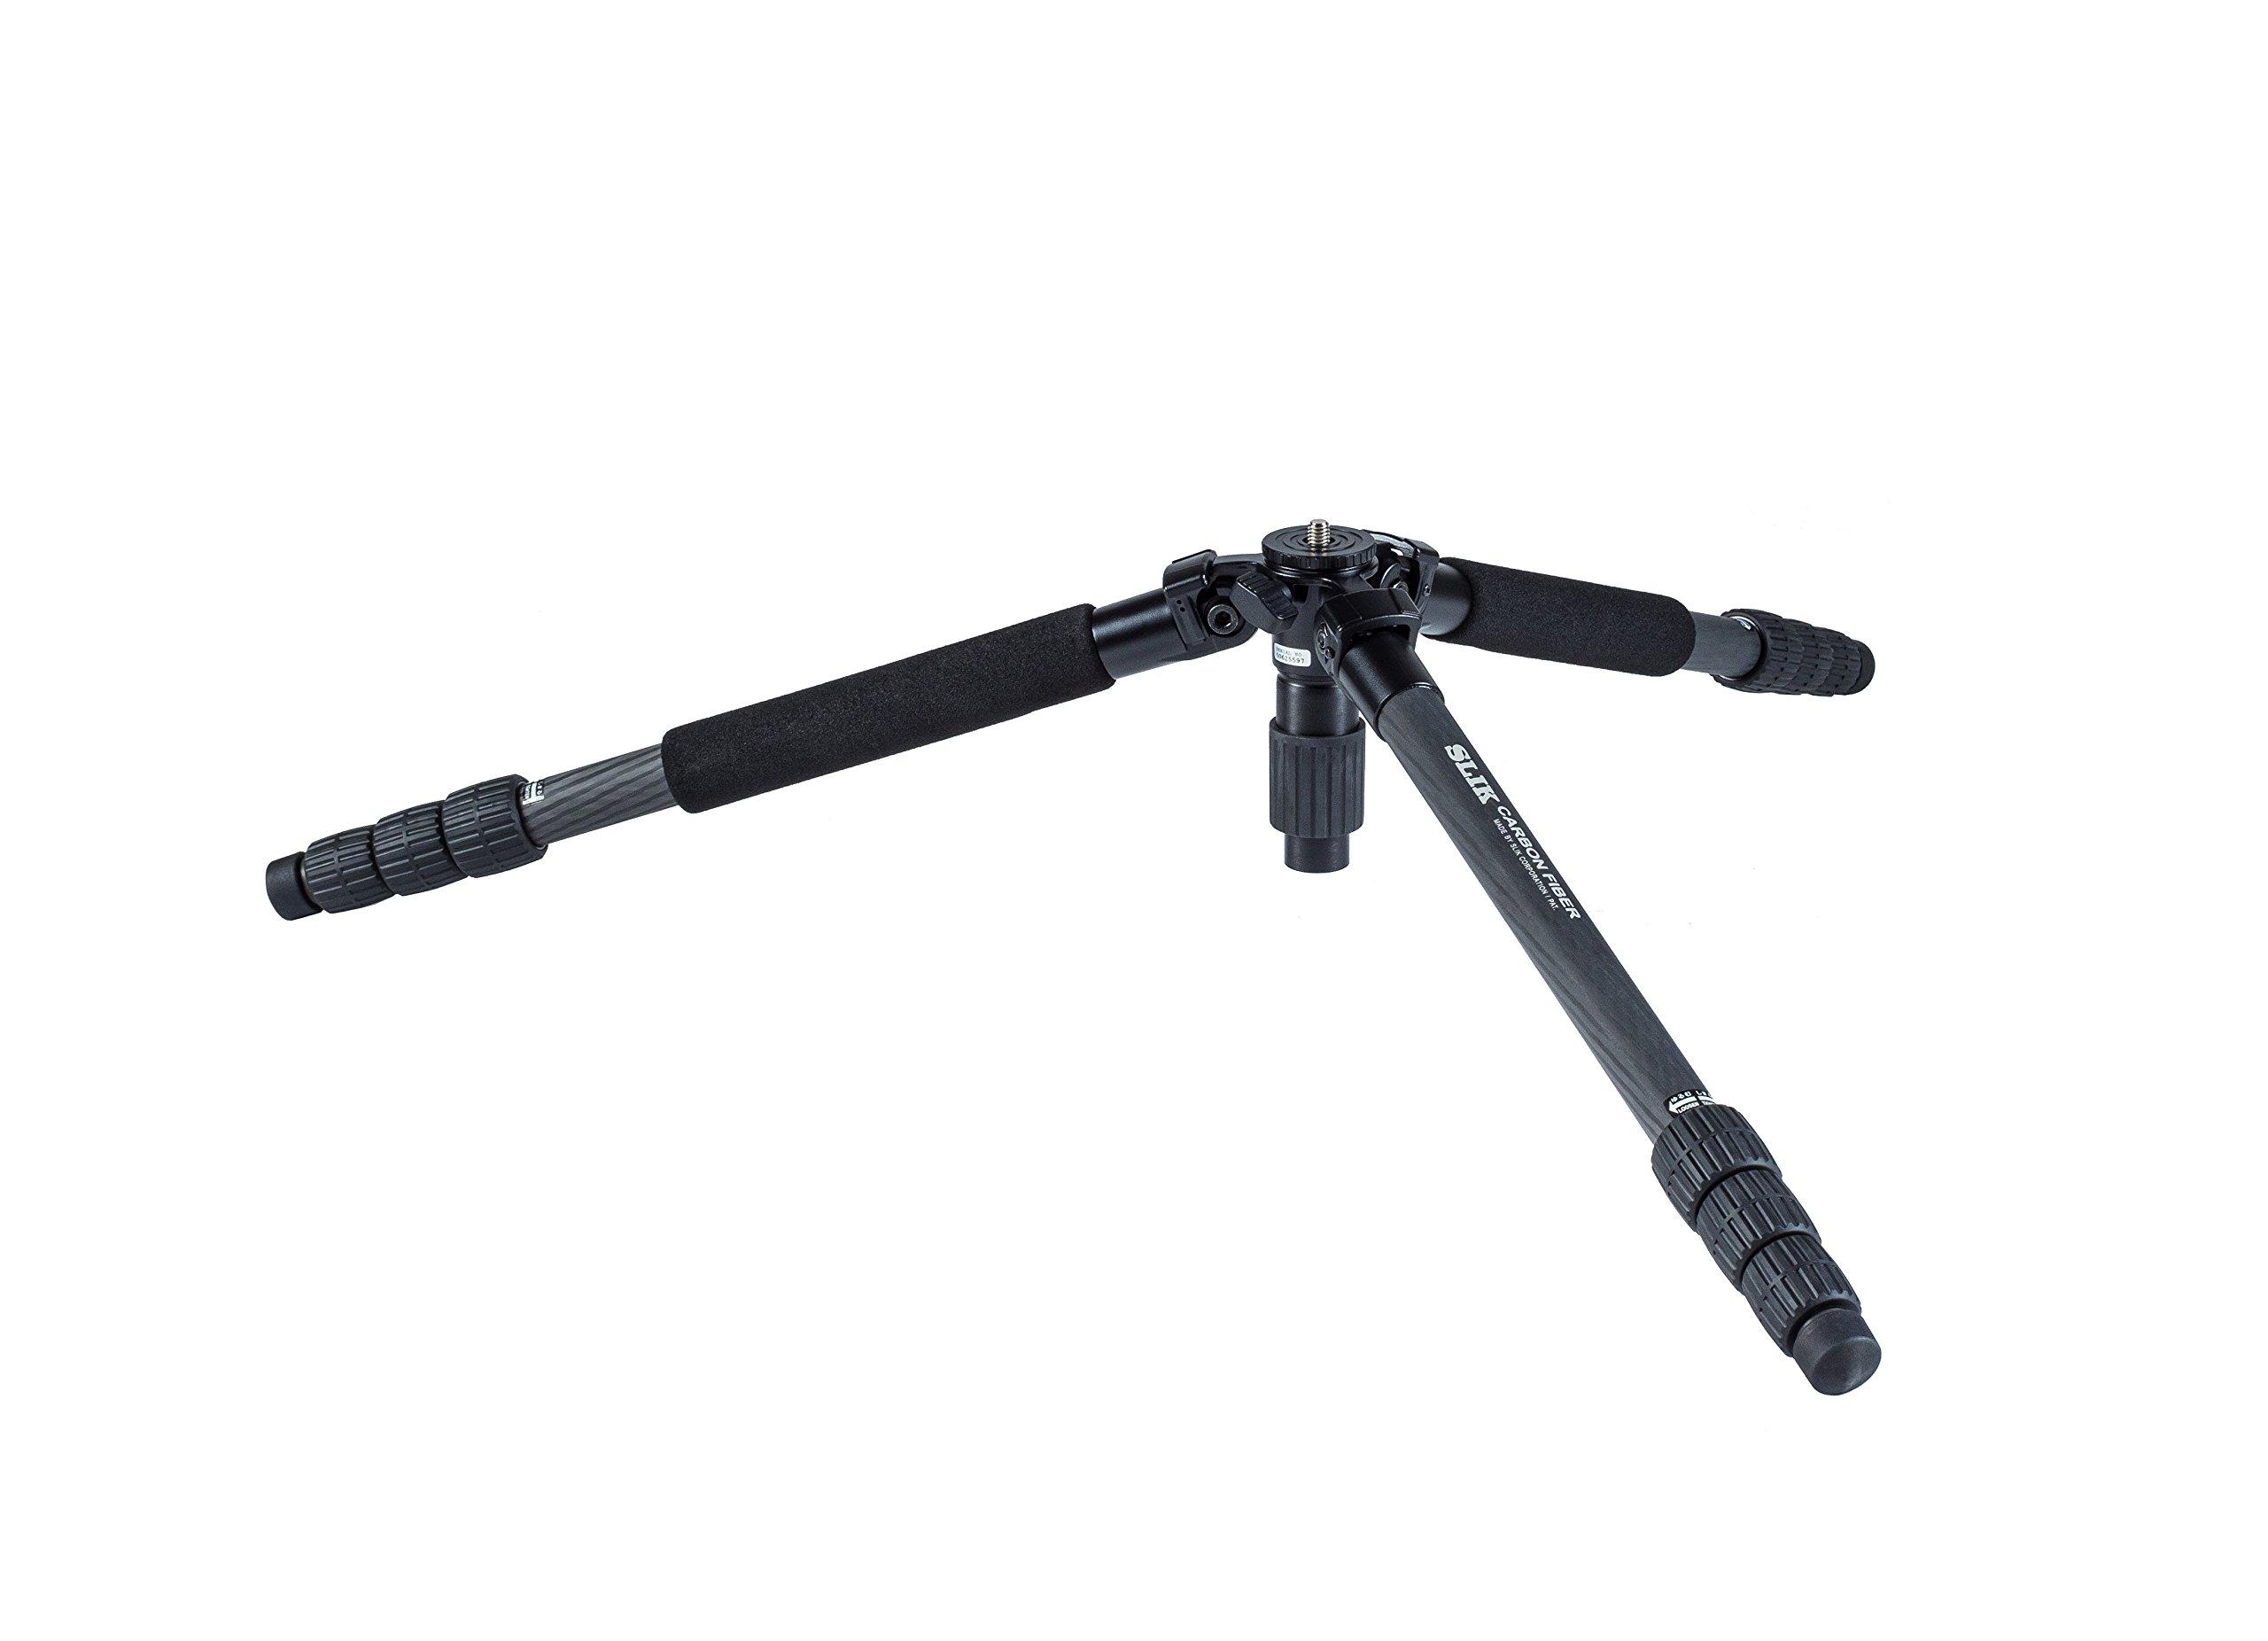 SLIK Pro 824 CF 4-Section Carbon Fiber Tripod - Black by Slik (Image #4)